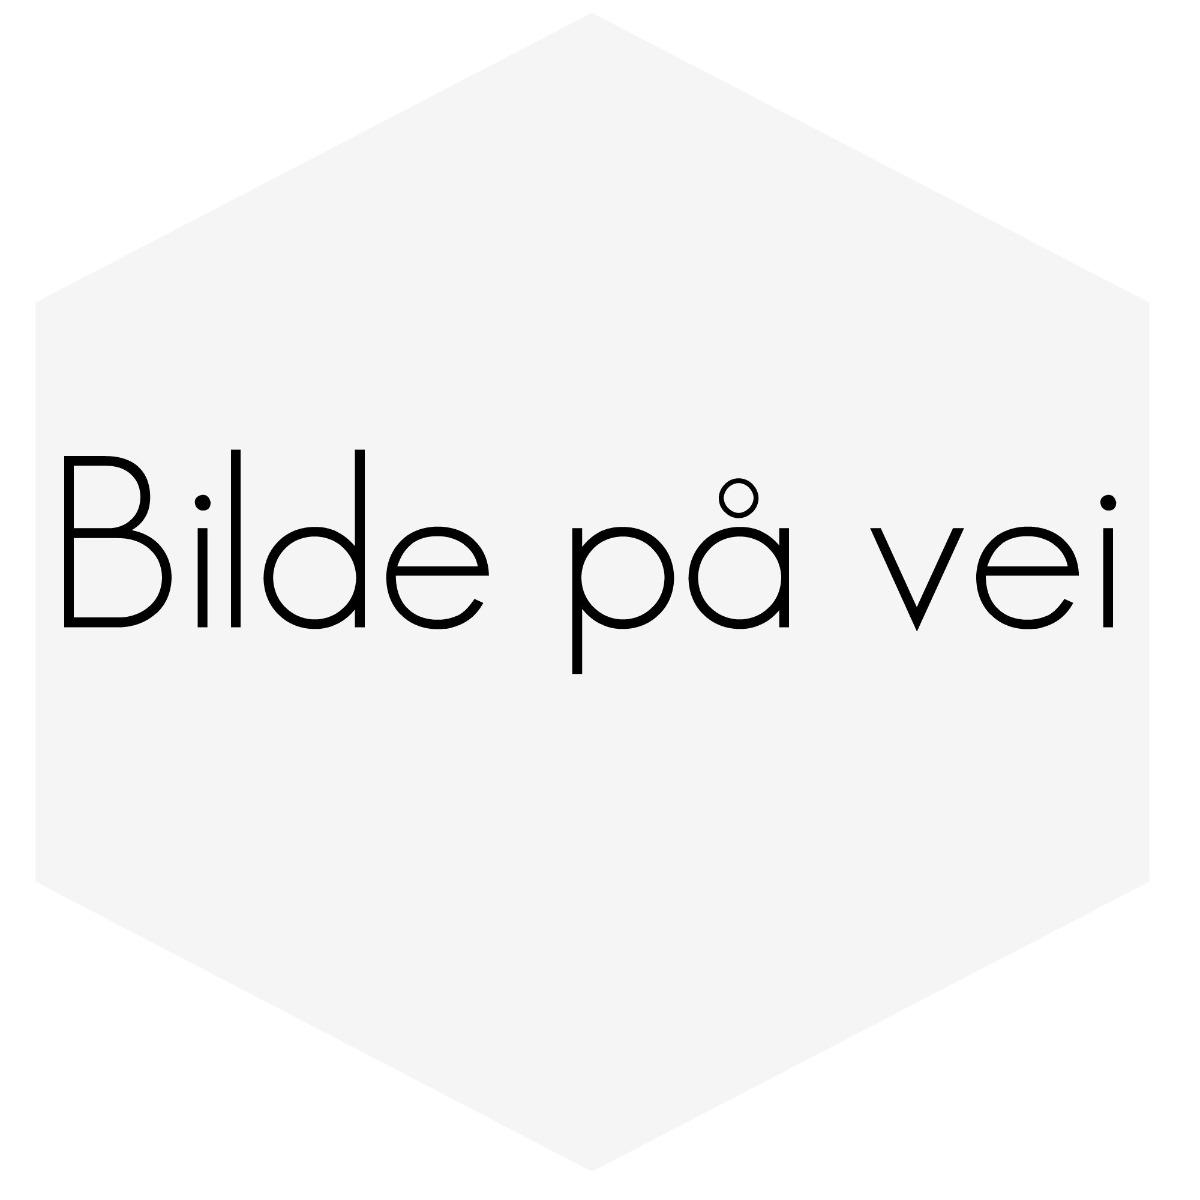 FJÆRBENSTAG MELLOM FJÆRBEN I MOTORROM S/V40 (KUN 1.8L)